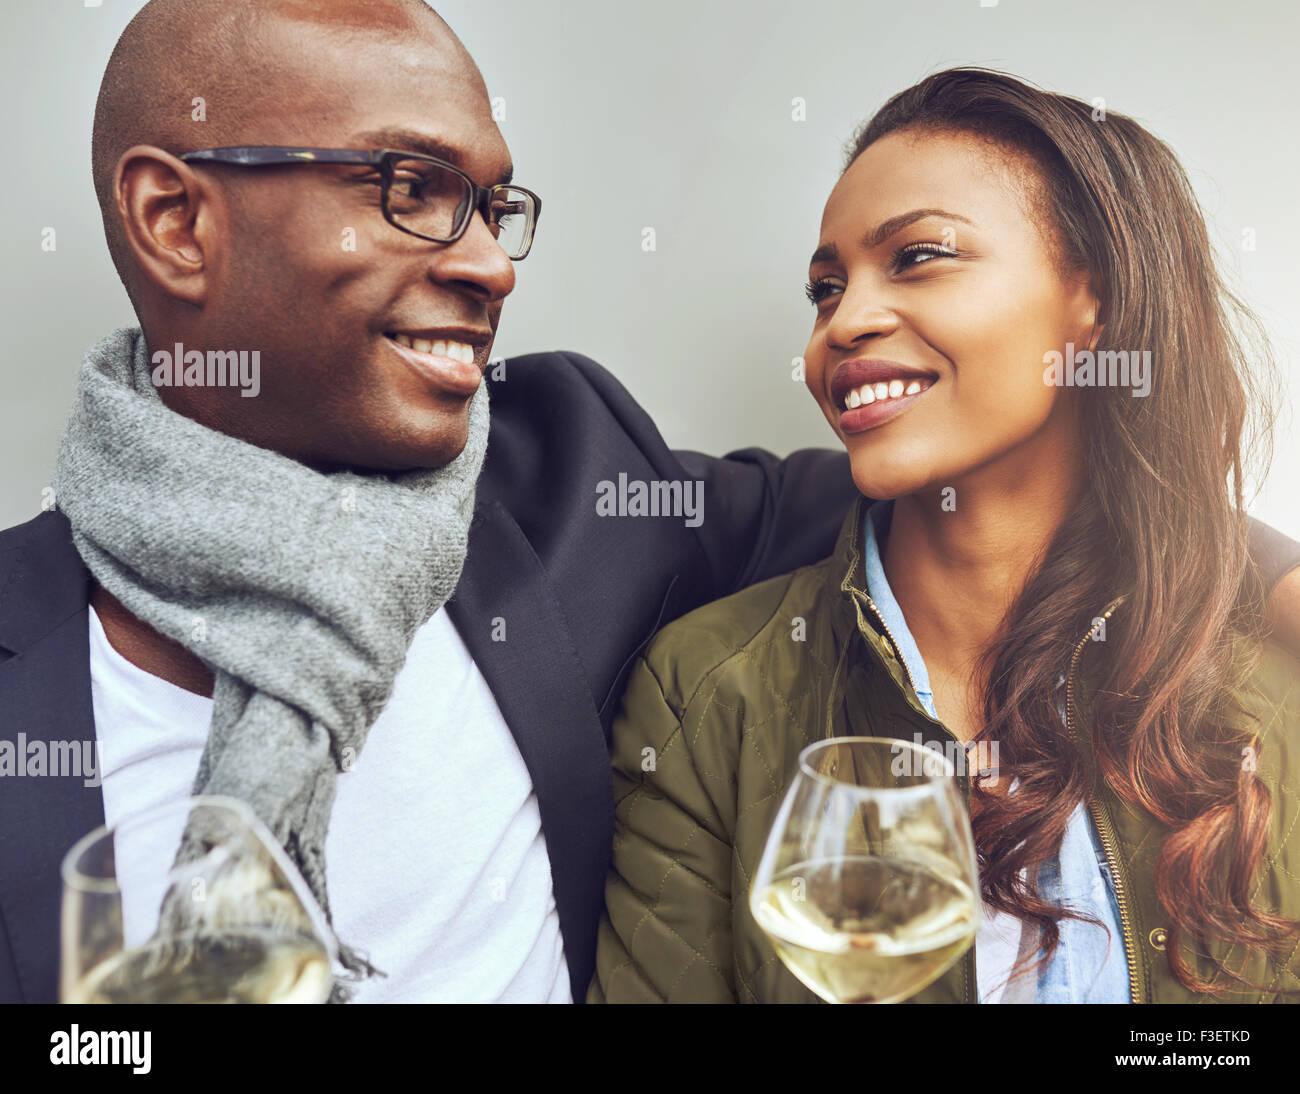 Romántica pareja joven afroamericano sentado disfrutando del brazo vasos de vino blanco y sonriendo amorosamente Imagen De Stock